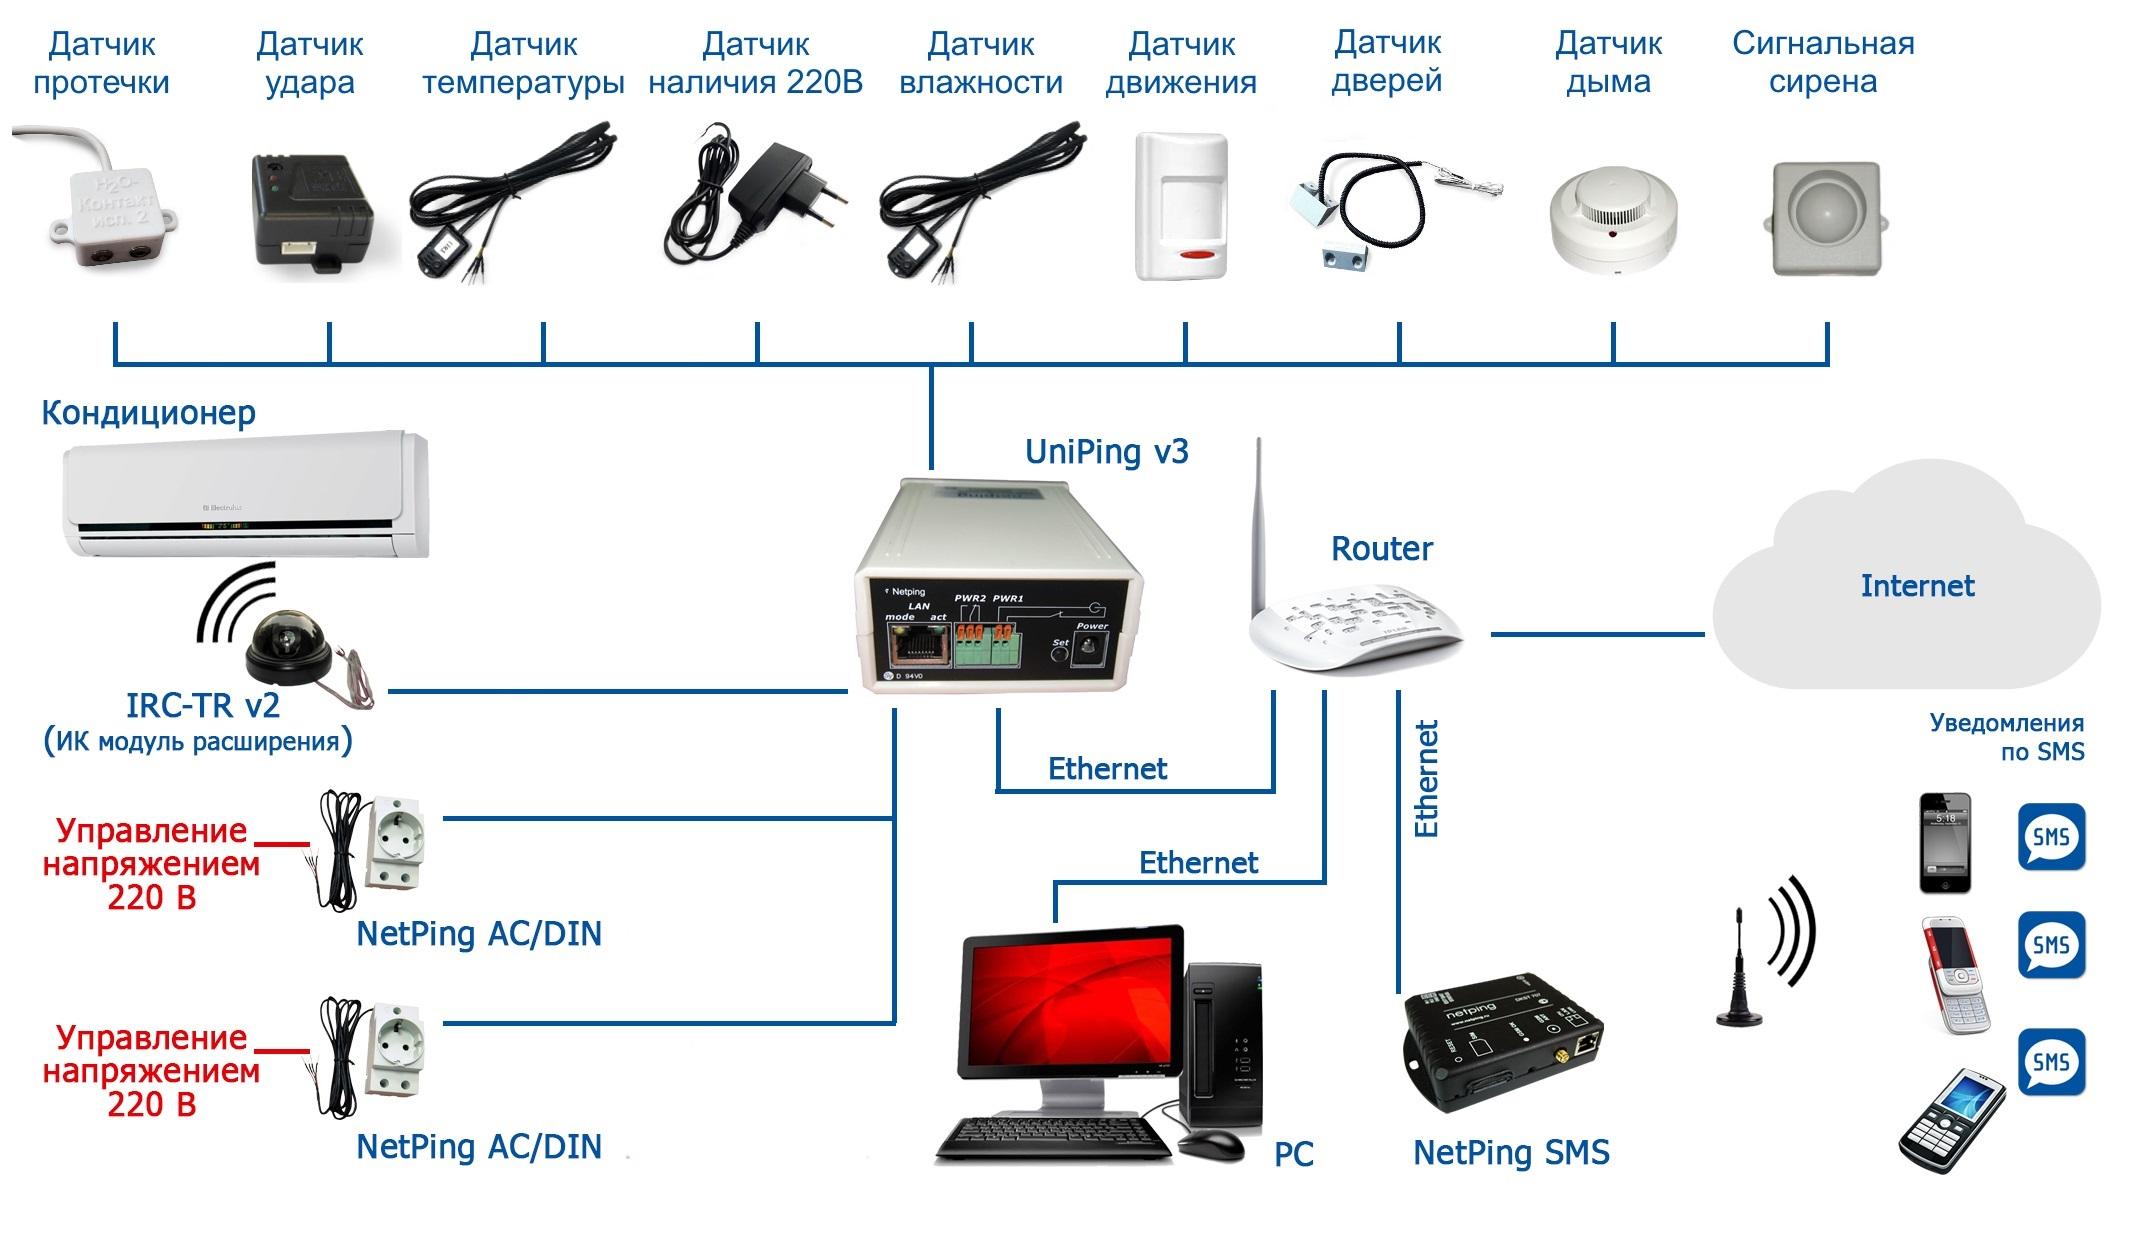 UniPing v3 - подключение датчиков и внешних устройств